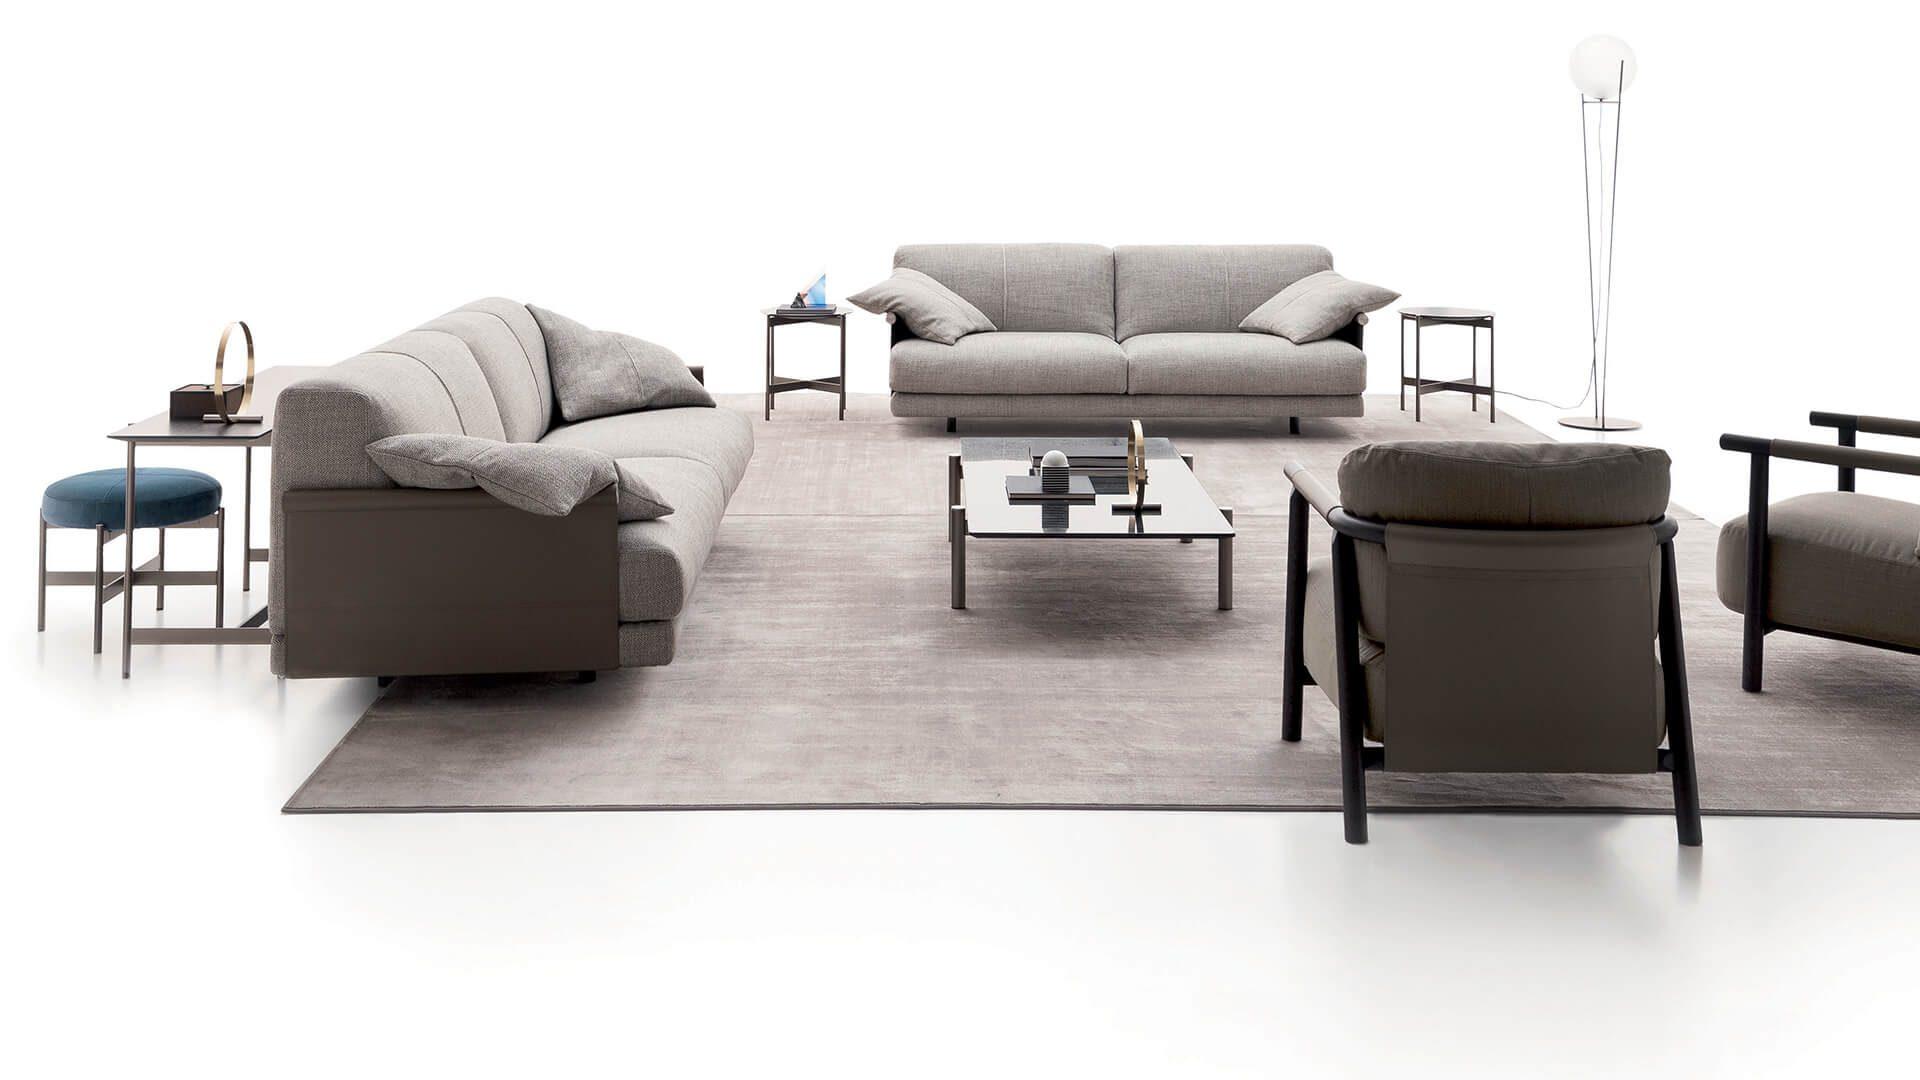 Lieblich Ditre Italia U2013 Herstellung Von Couchs, Betten, Sesseln Und Sofas